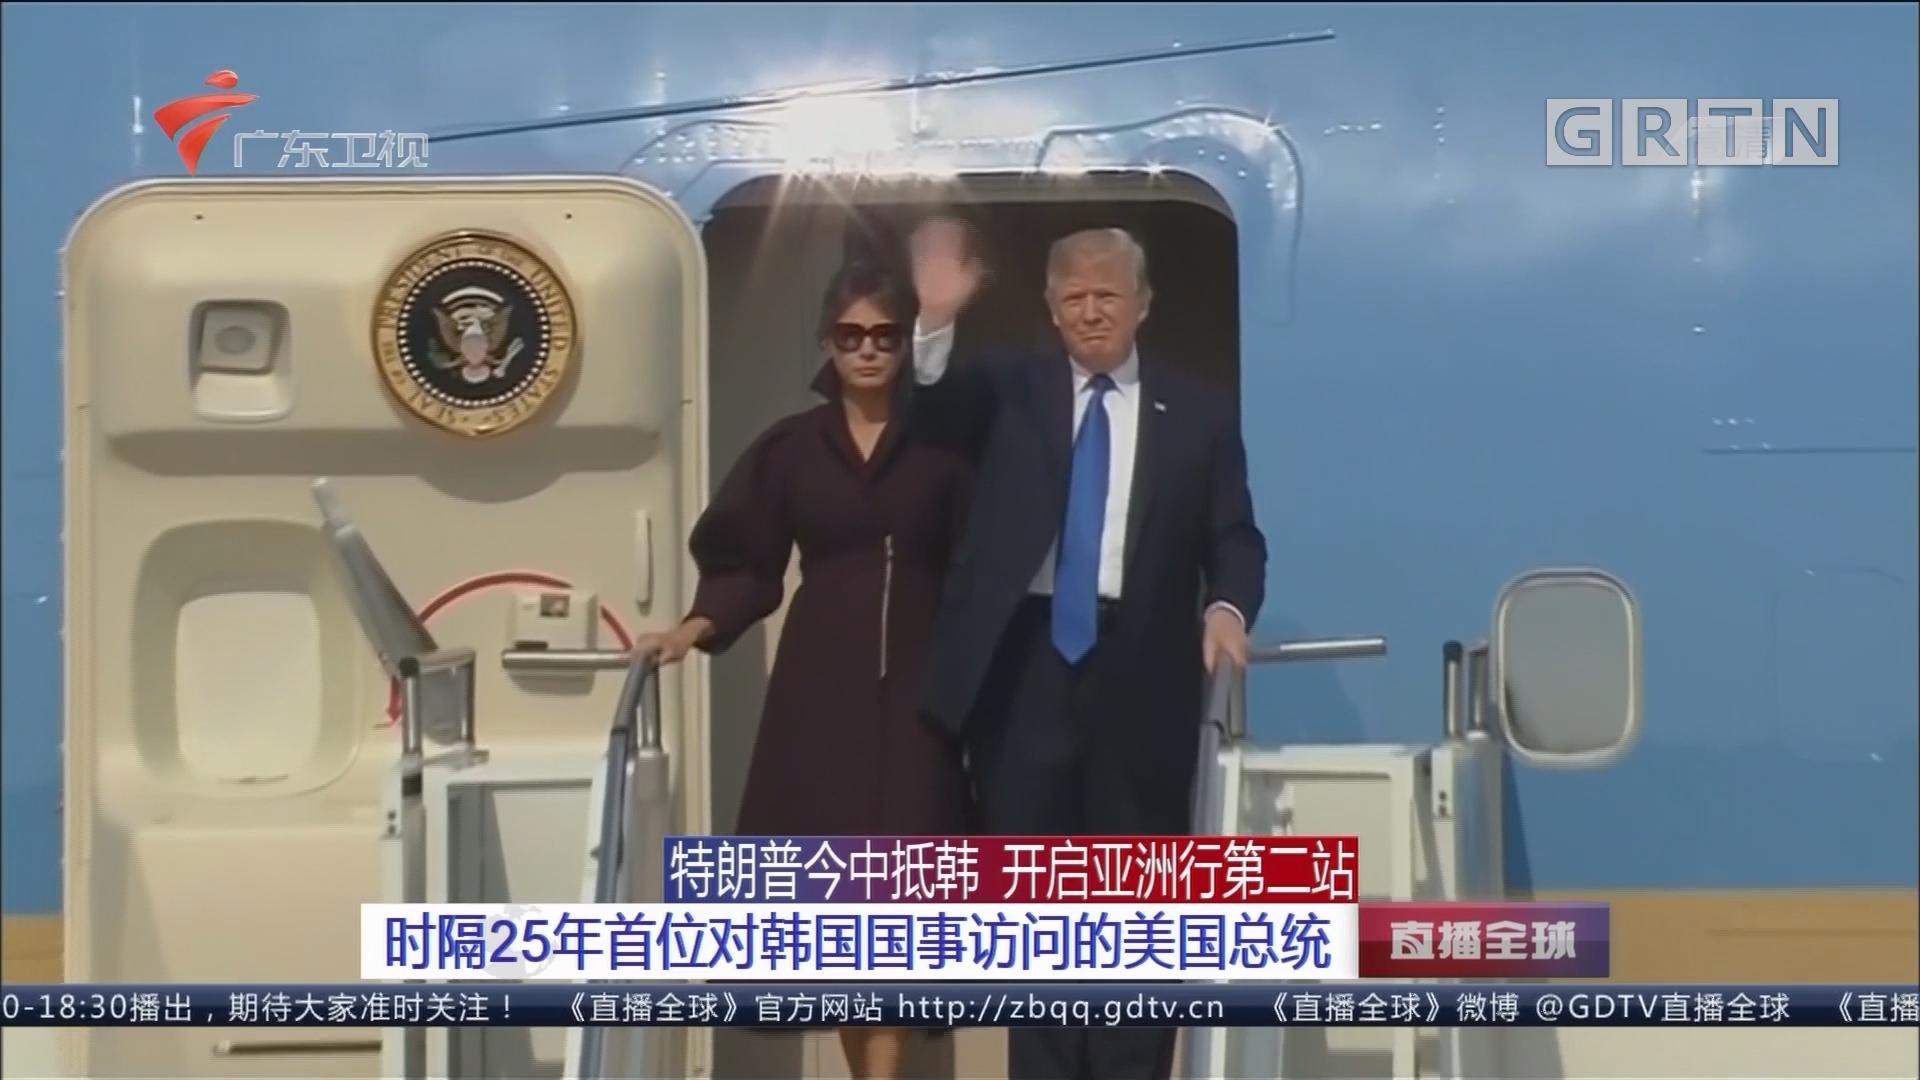 特朗普今中抵韩 开启亚洲行第二站:时隔25年首位对韩国国事访问的美国总统